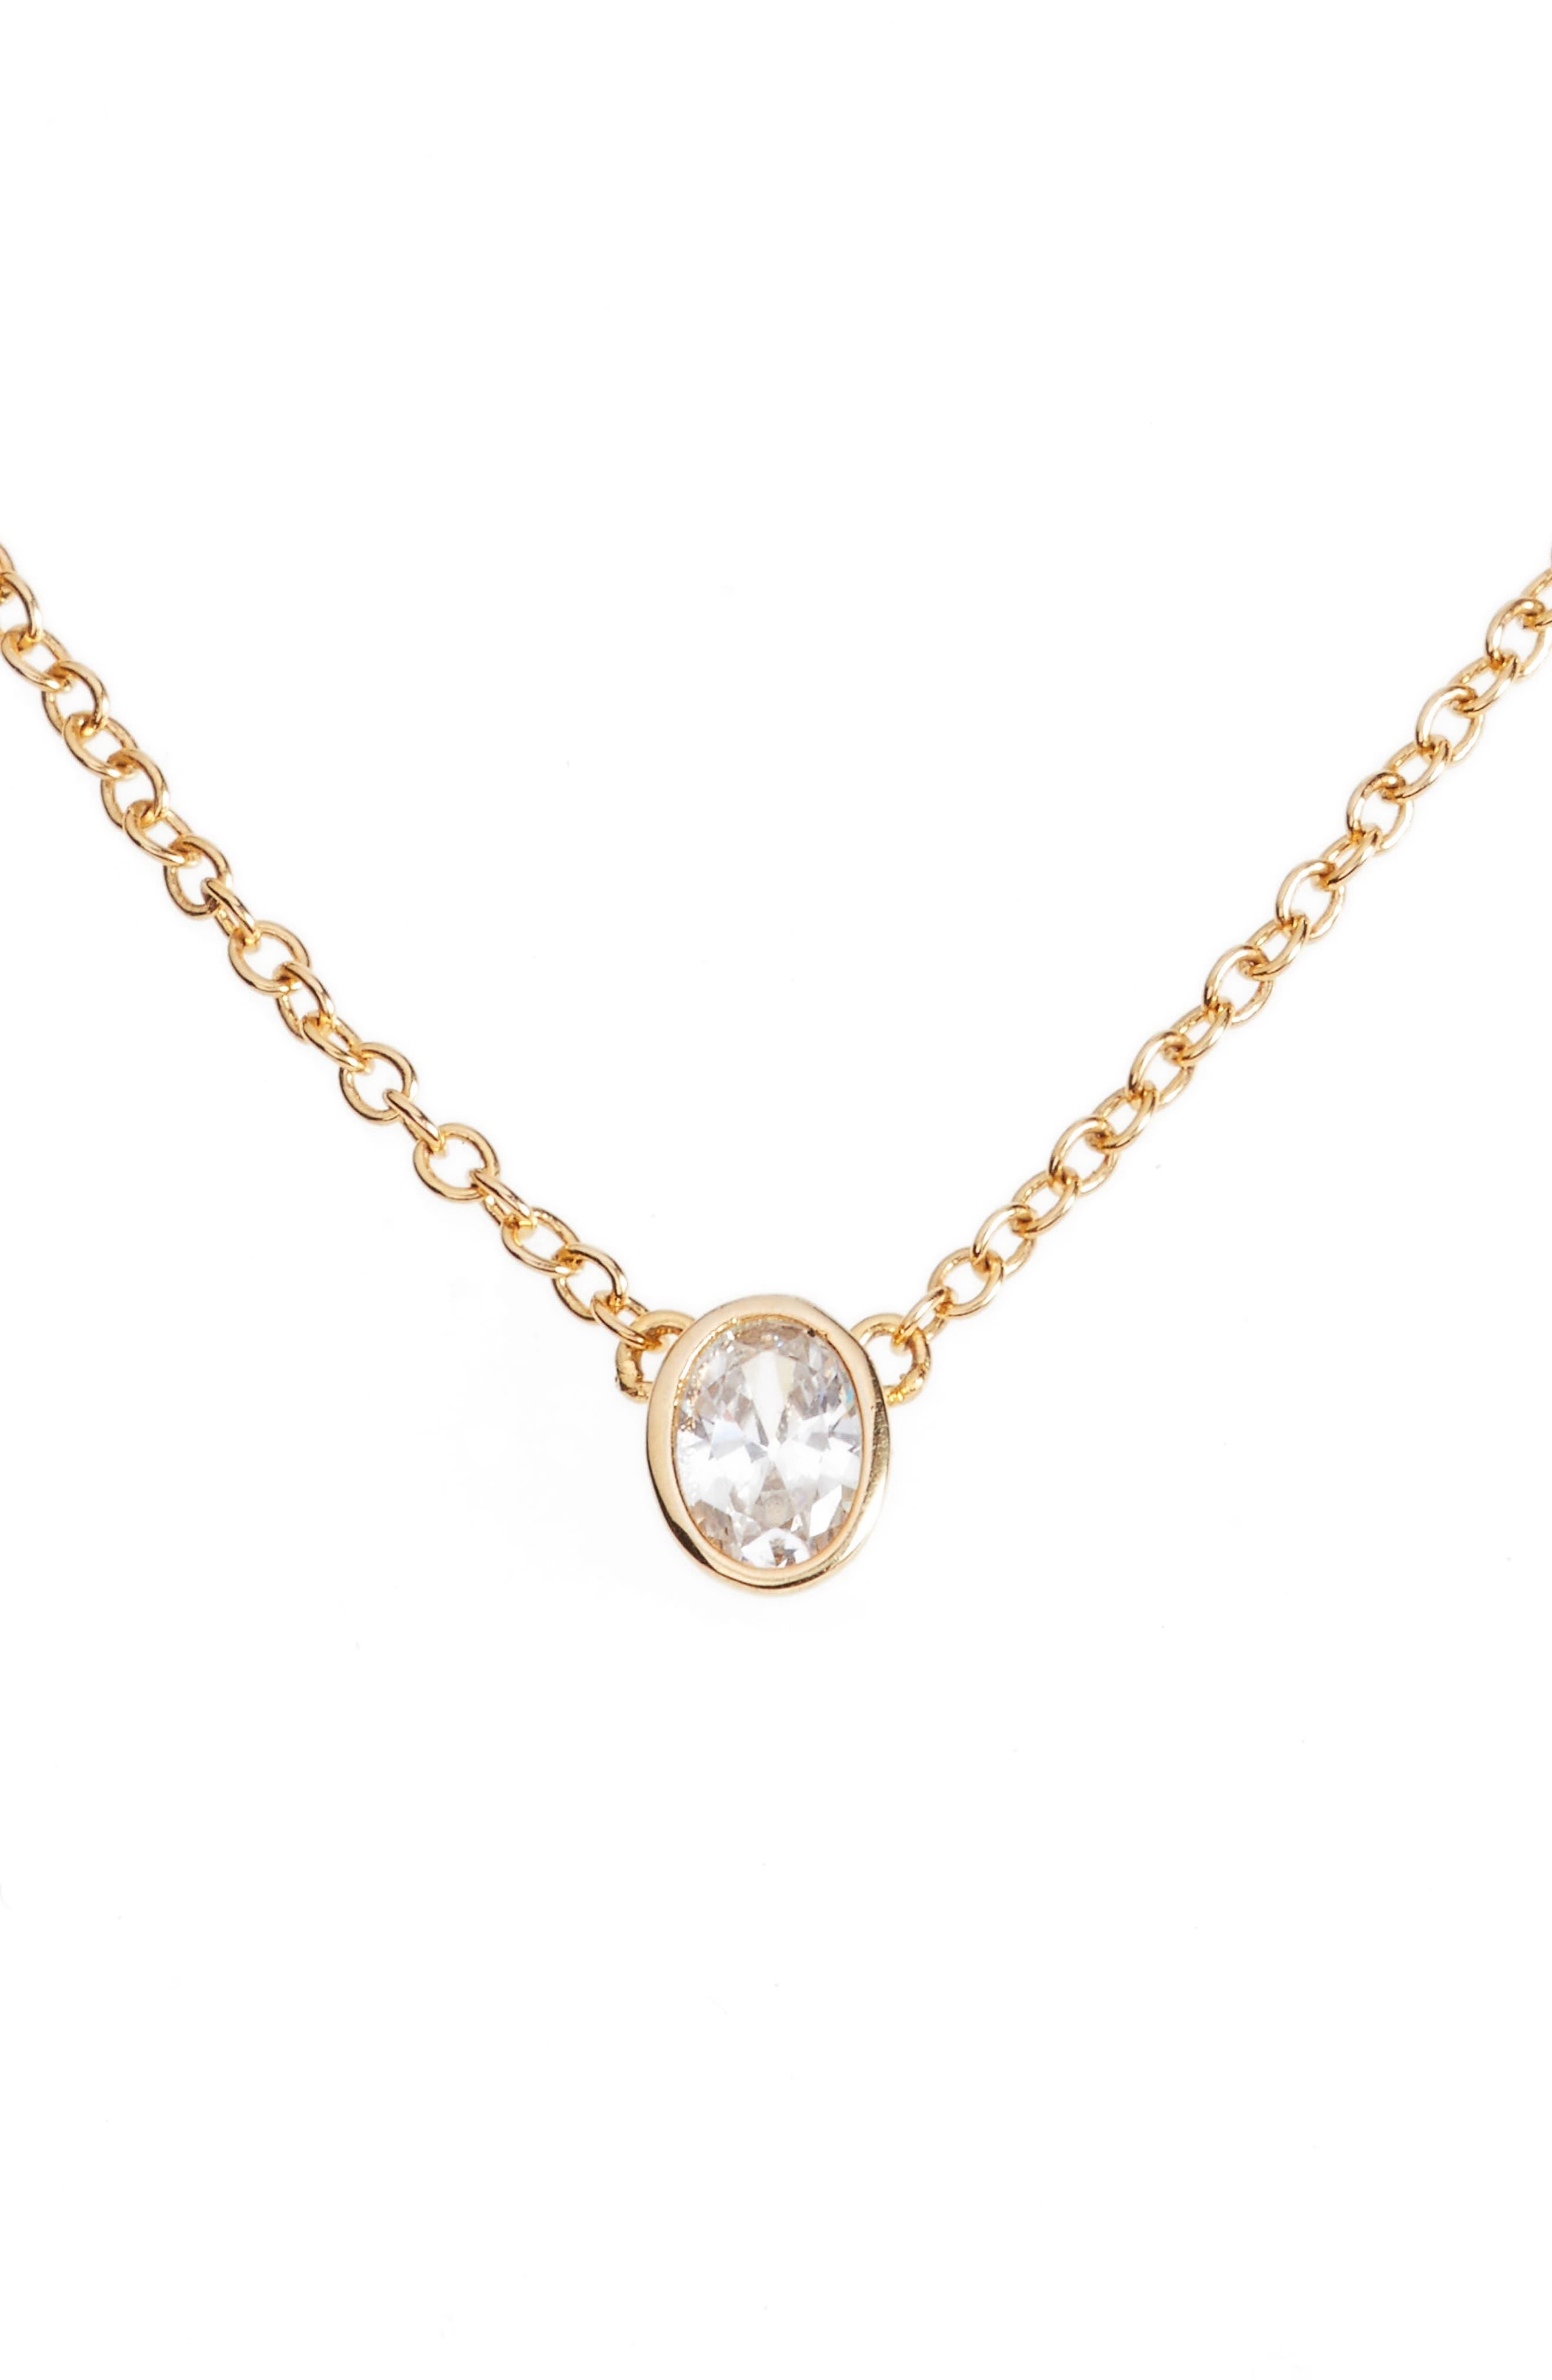 Main Image - Melinda Maria Single Thorn Pendant Necklace